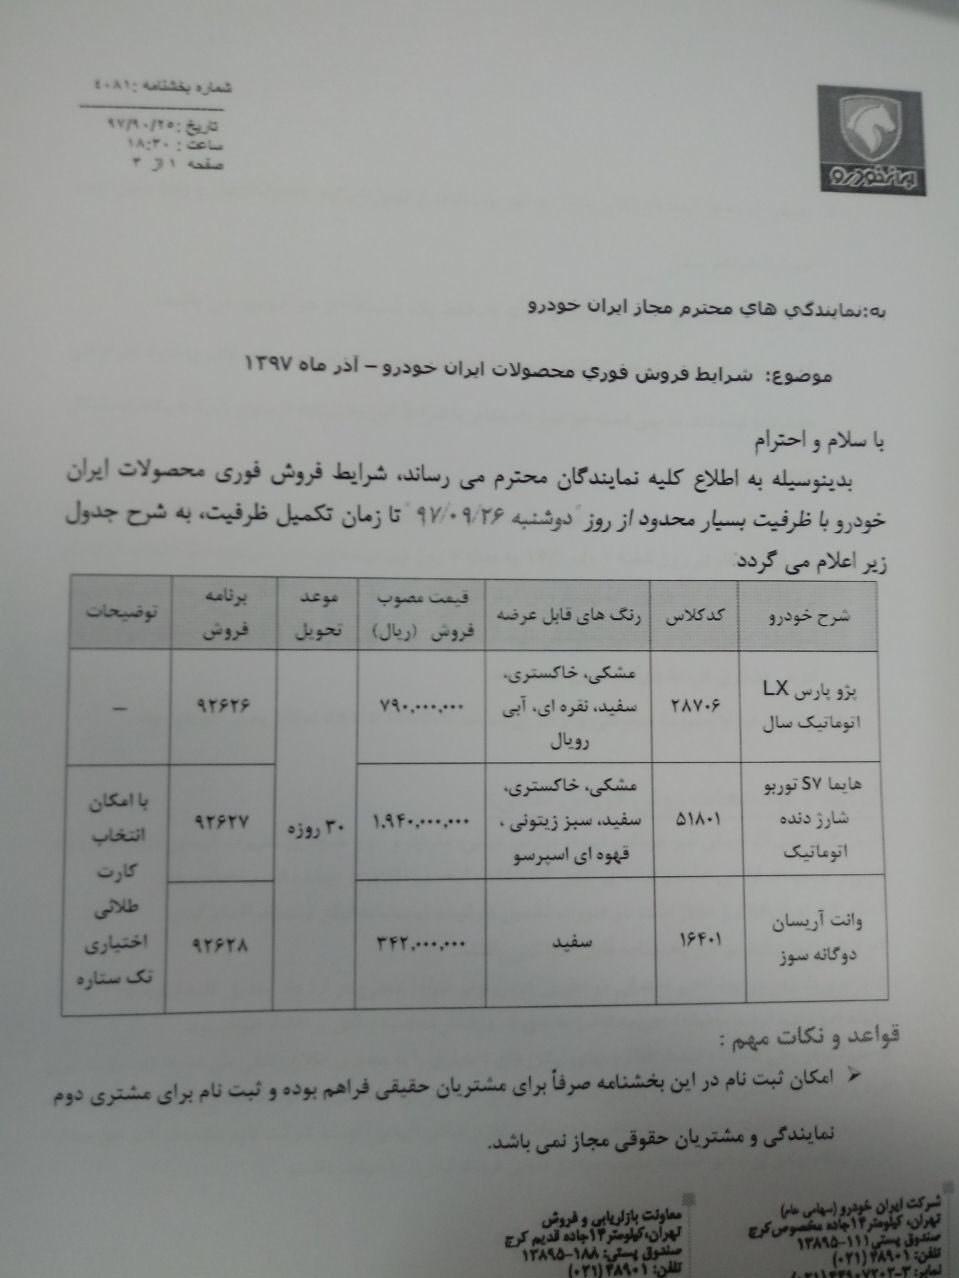 قیمت فروش نقدی محصولات ایران خودرو اعلام شد - 5